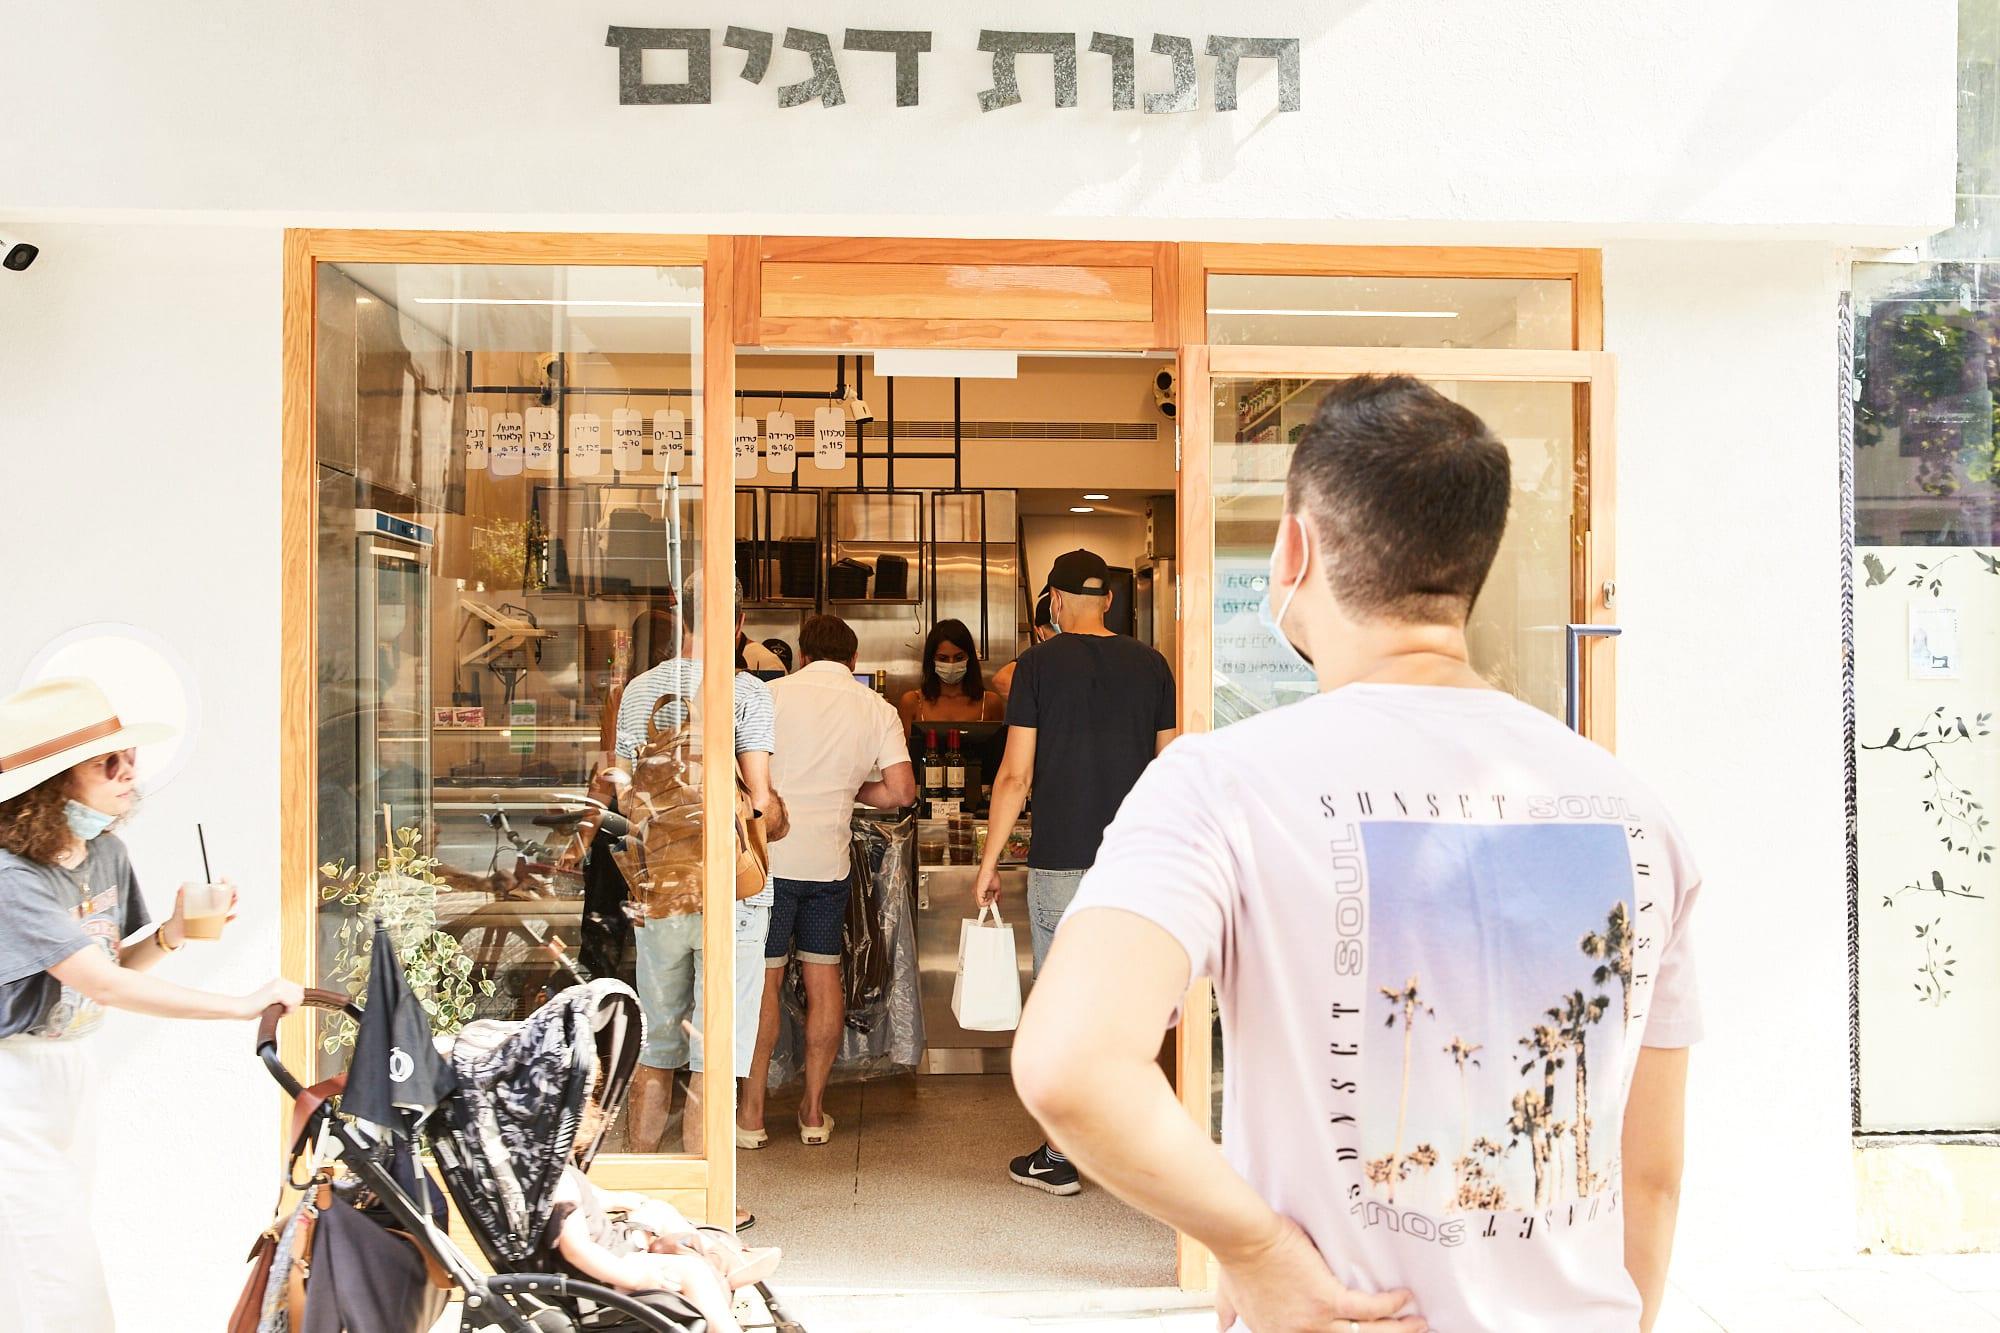 אוסמה דלאל בפתח החנות. בימי שישי, כשלא נעשים משלוחים, אנשים עומדים בתור / צילום: באדיבות אוללה